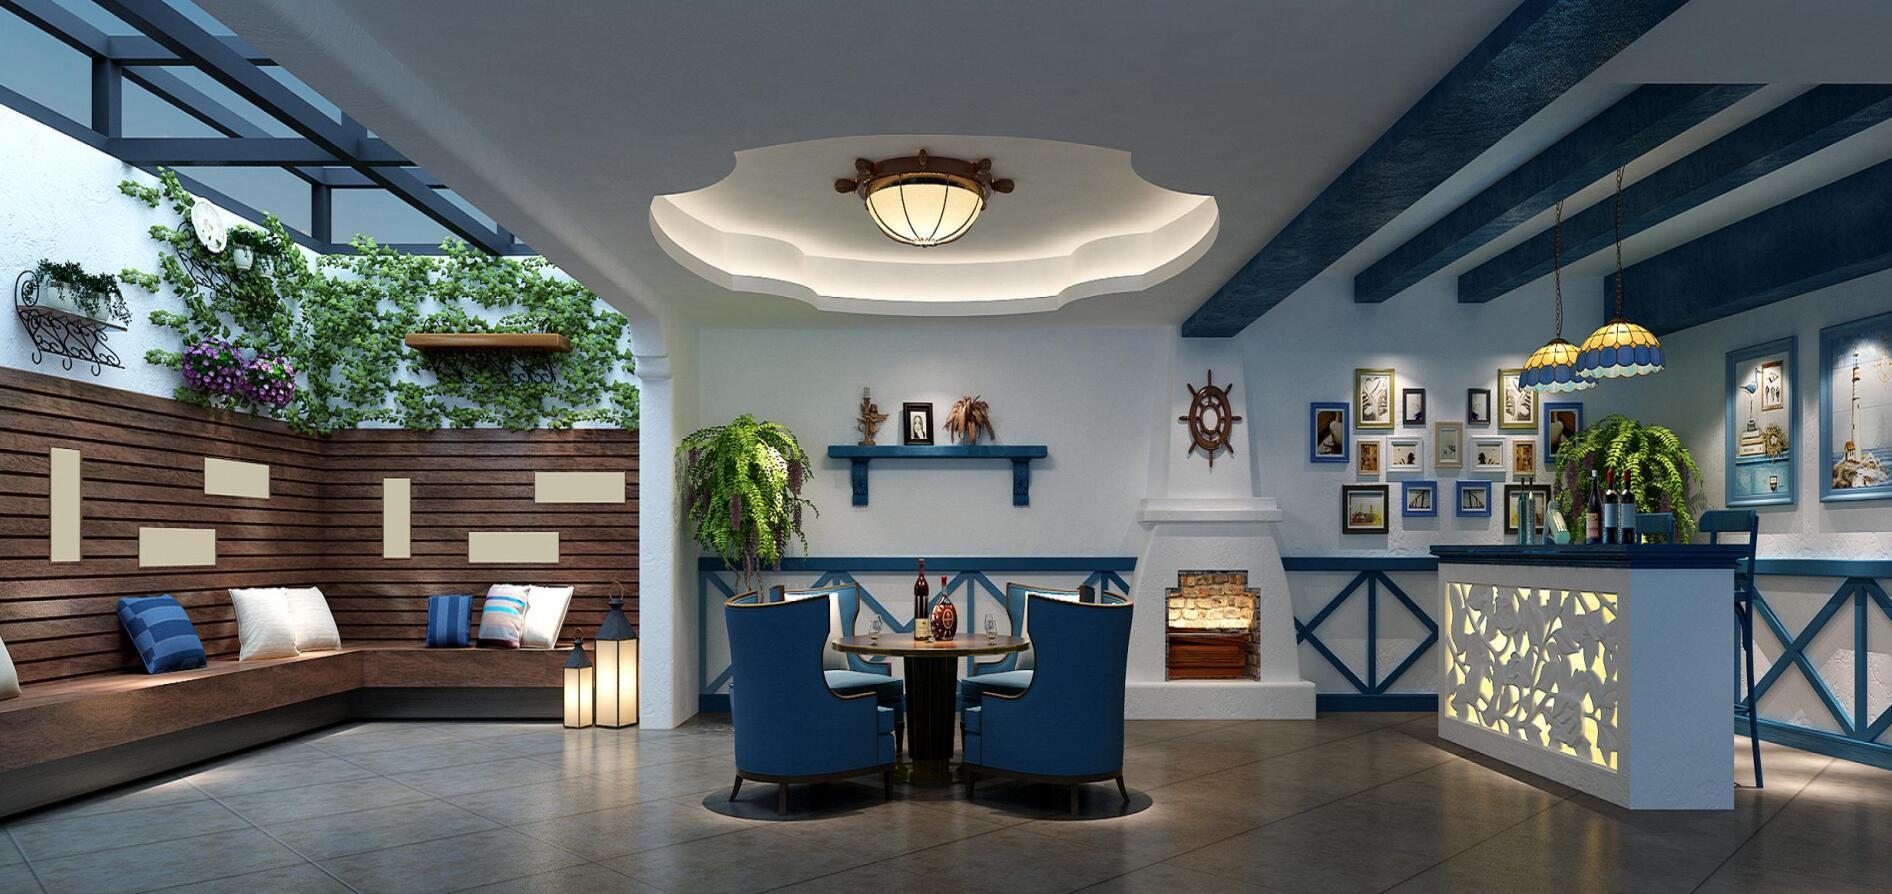 东郊华庭 装修设计 新中式风格 腾龙设计 曹晖作品 其他图片来自设计师曹晖在东郊华庭别墅装修新中式设计的分享